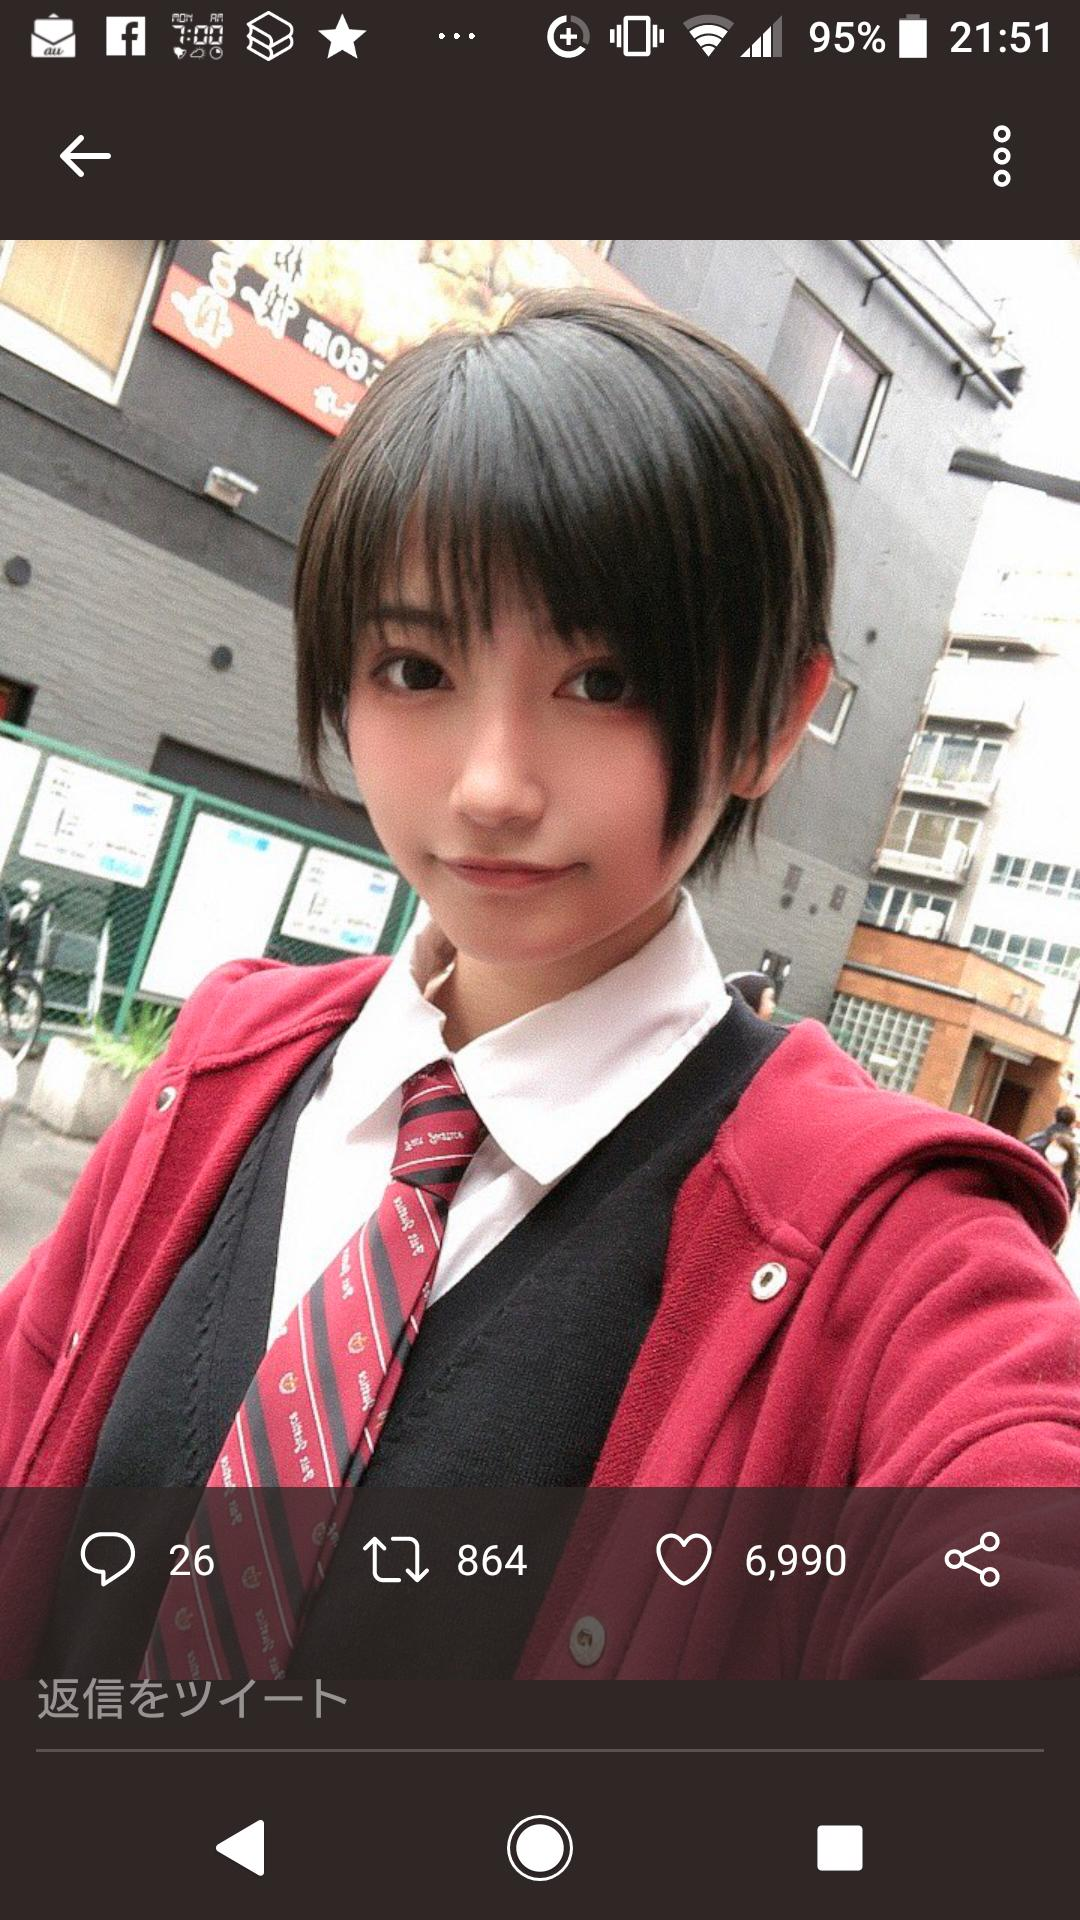 中国最強美少女の巨乳JKが日本の制服来てみましたwwwwwwwwwwwwww EPbcY2Z